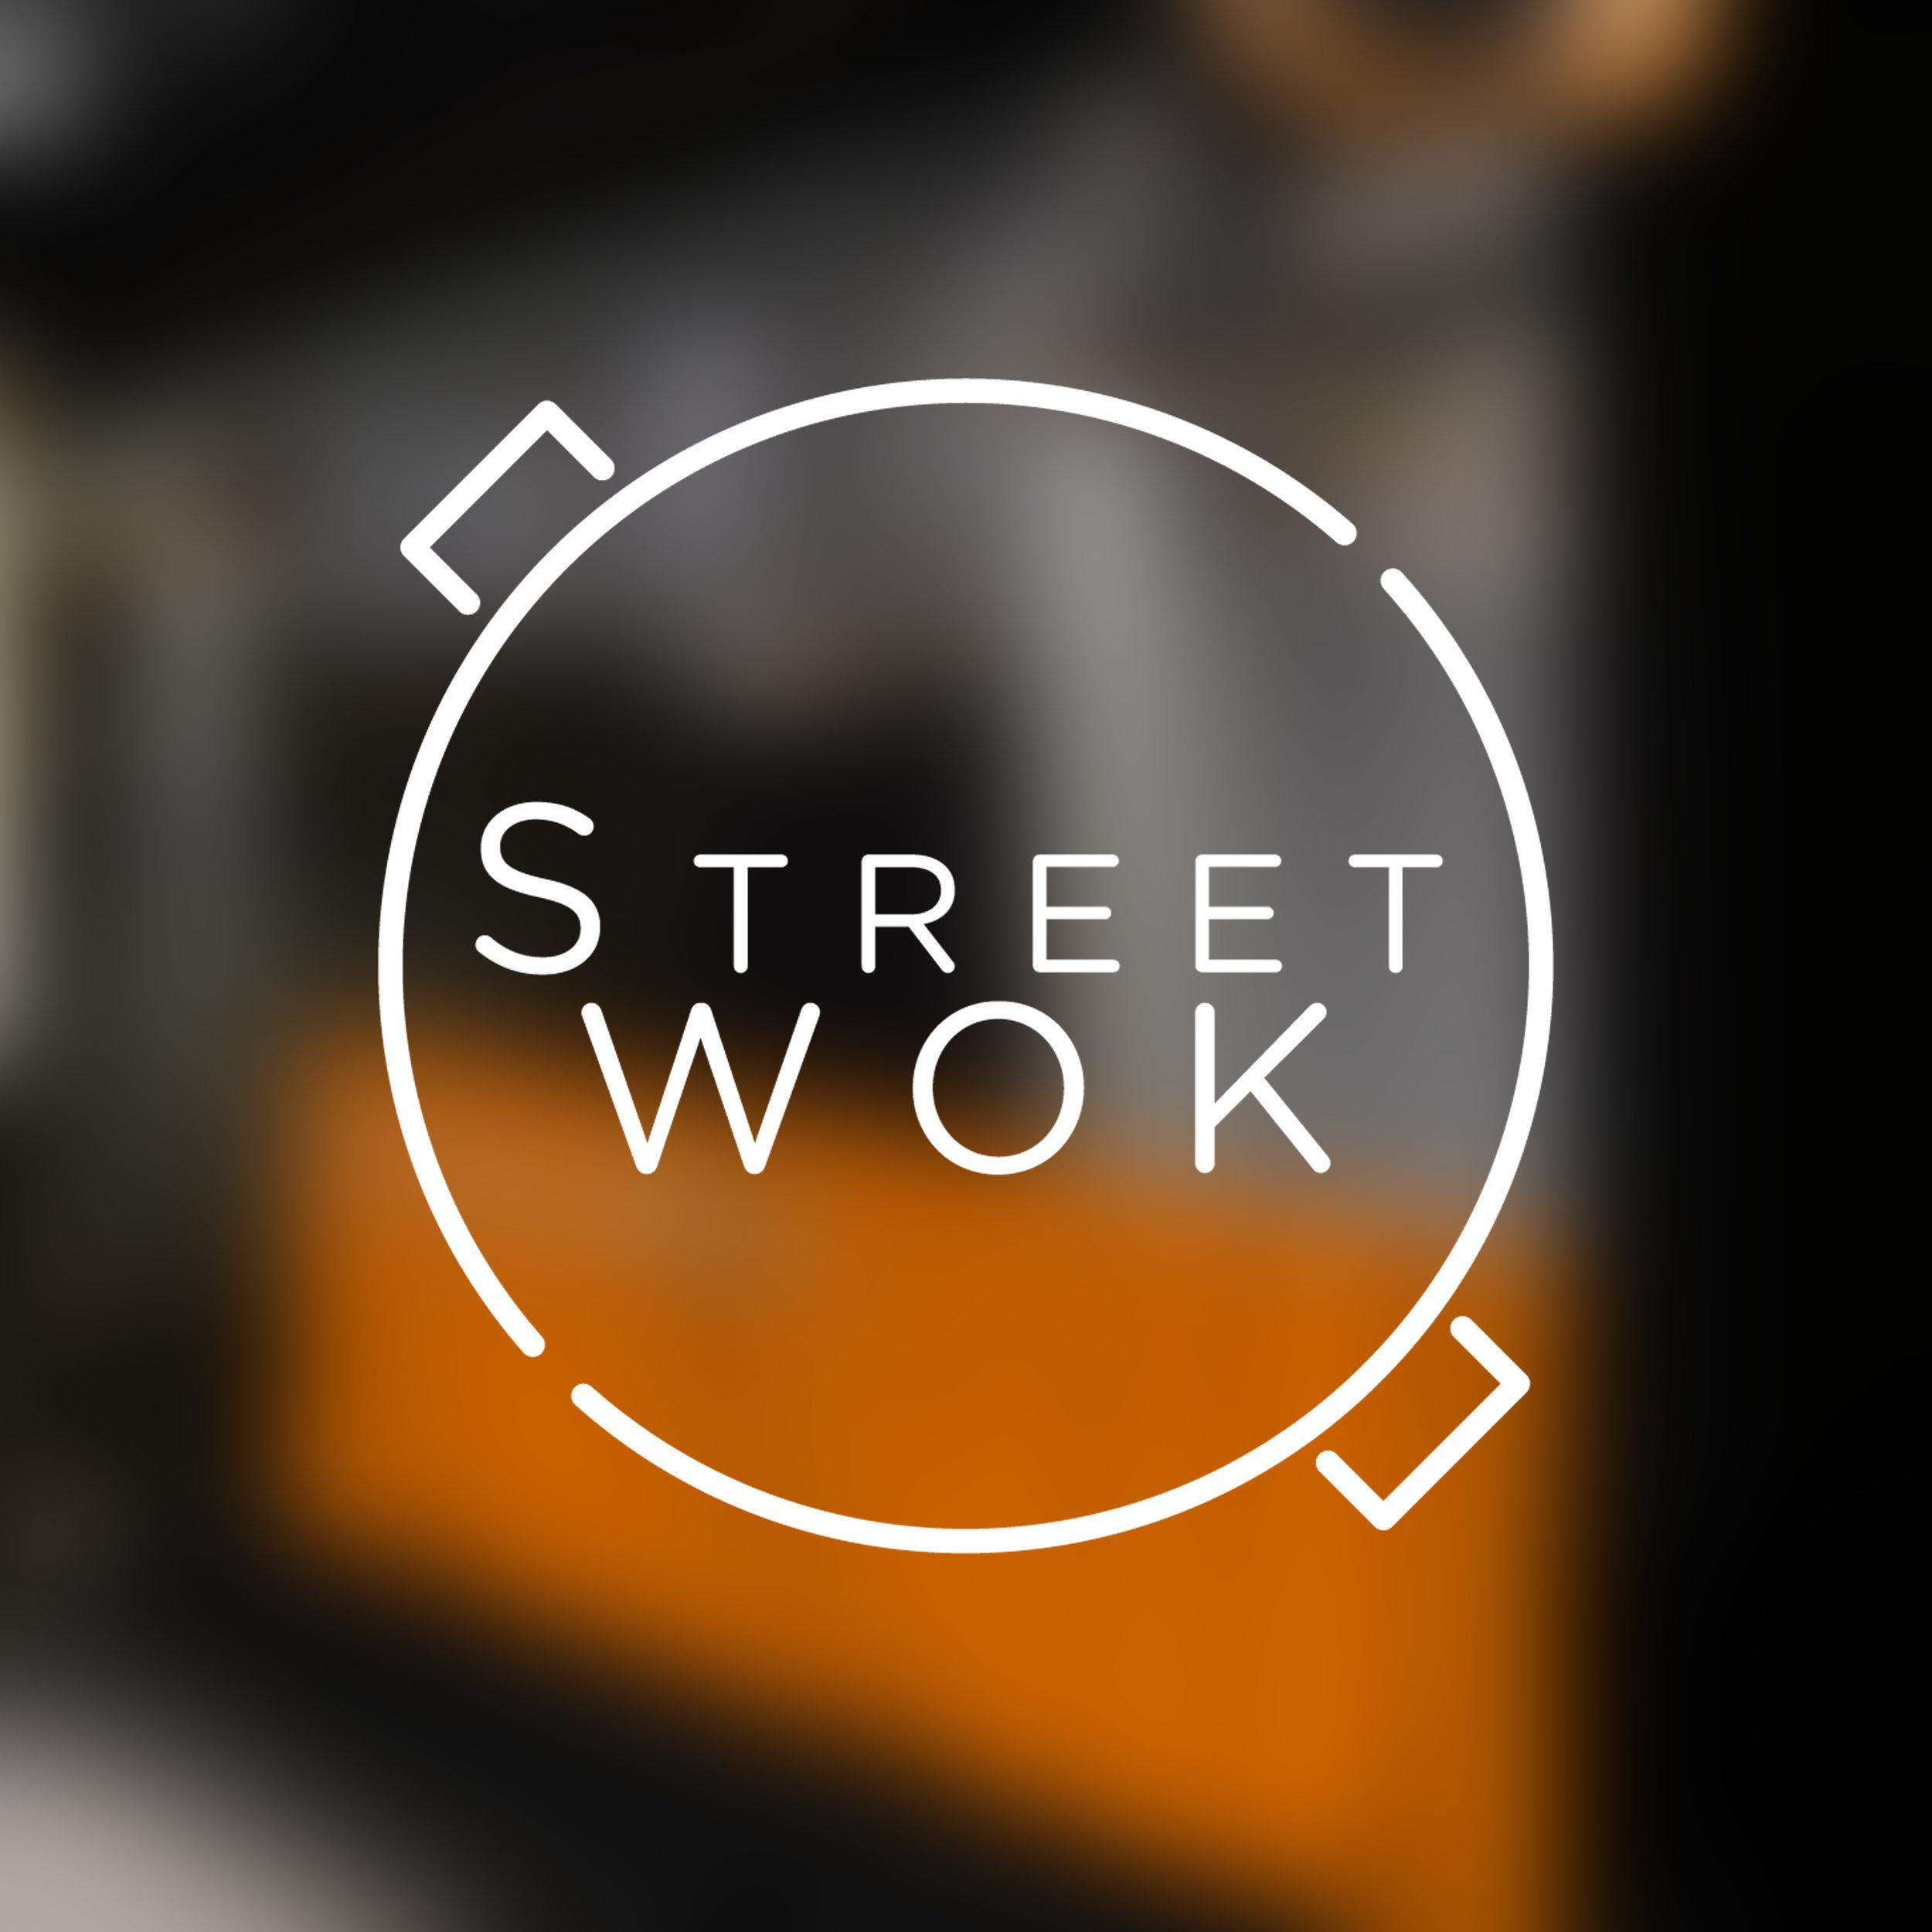 STREET_WOK copy.jpg